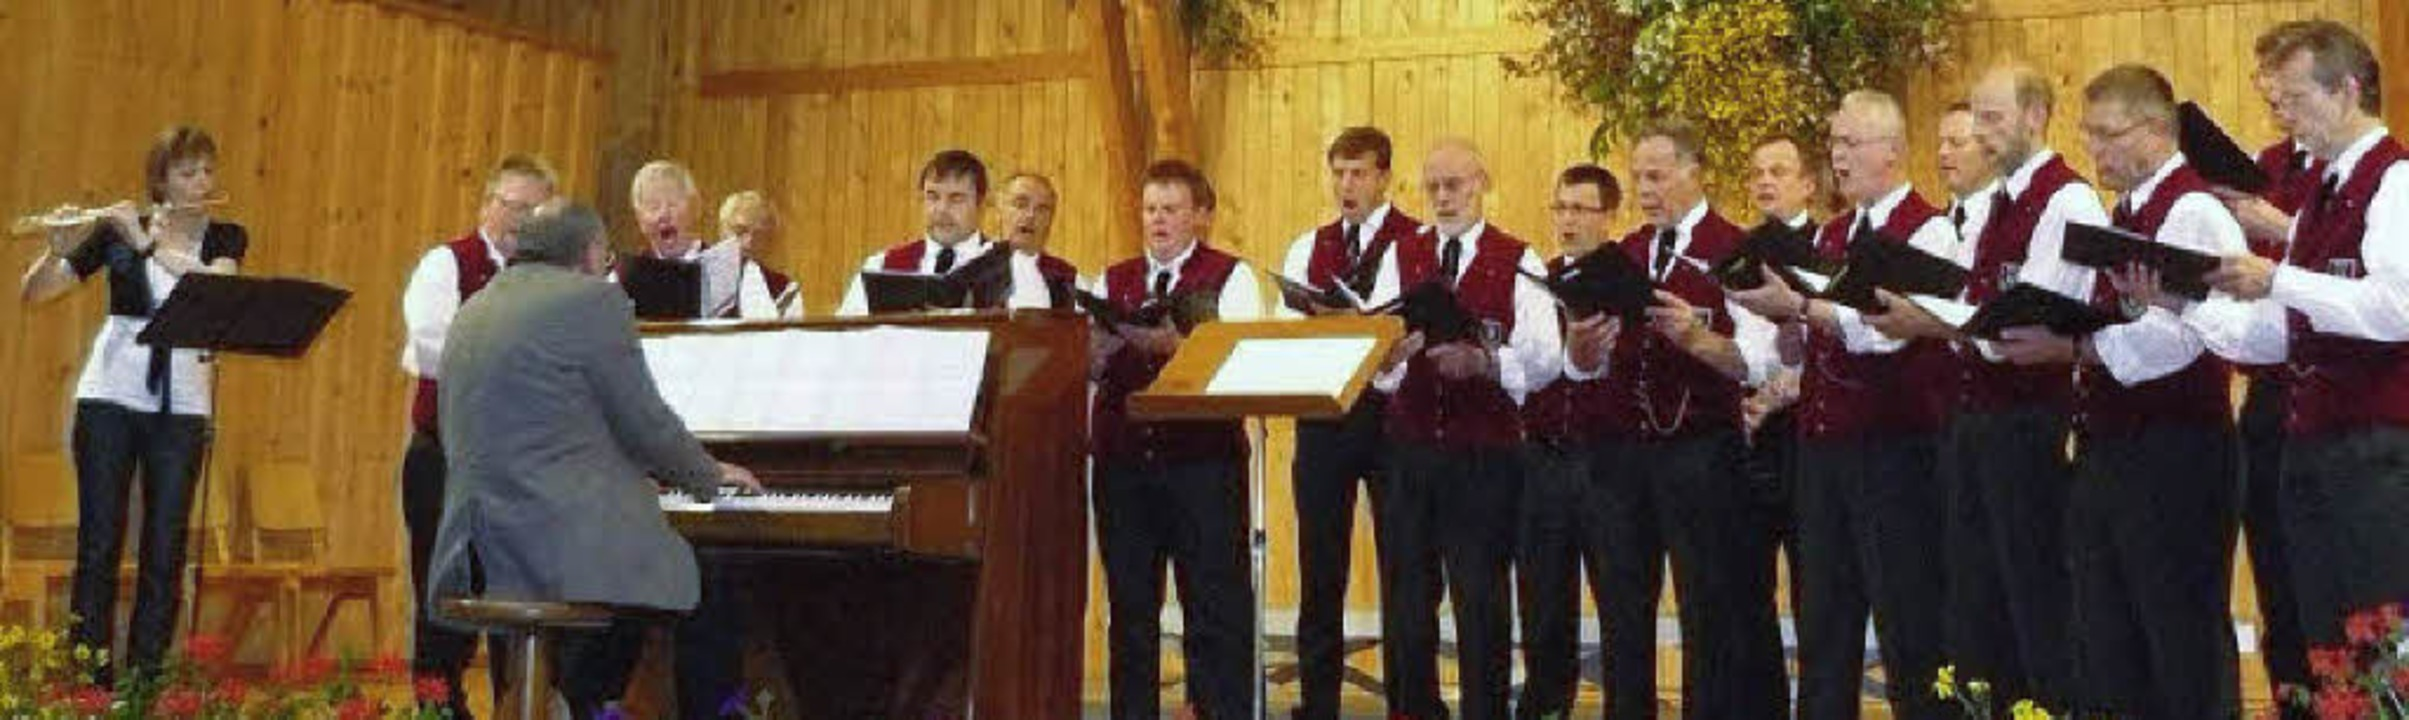 Der Männergesangverein St. Märgen mit ...in der Schwarzwaldhalle in St. Märgen.  | Foto: Edeltraud Blume